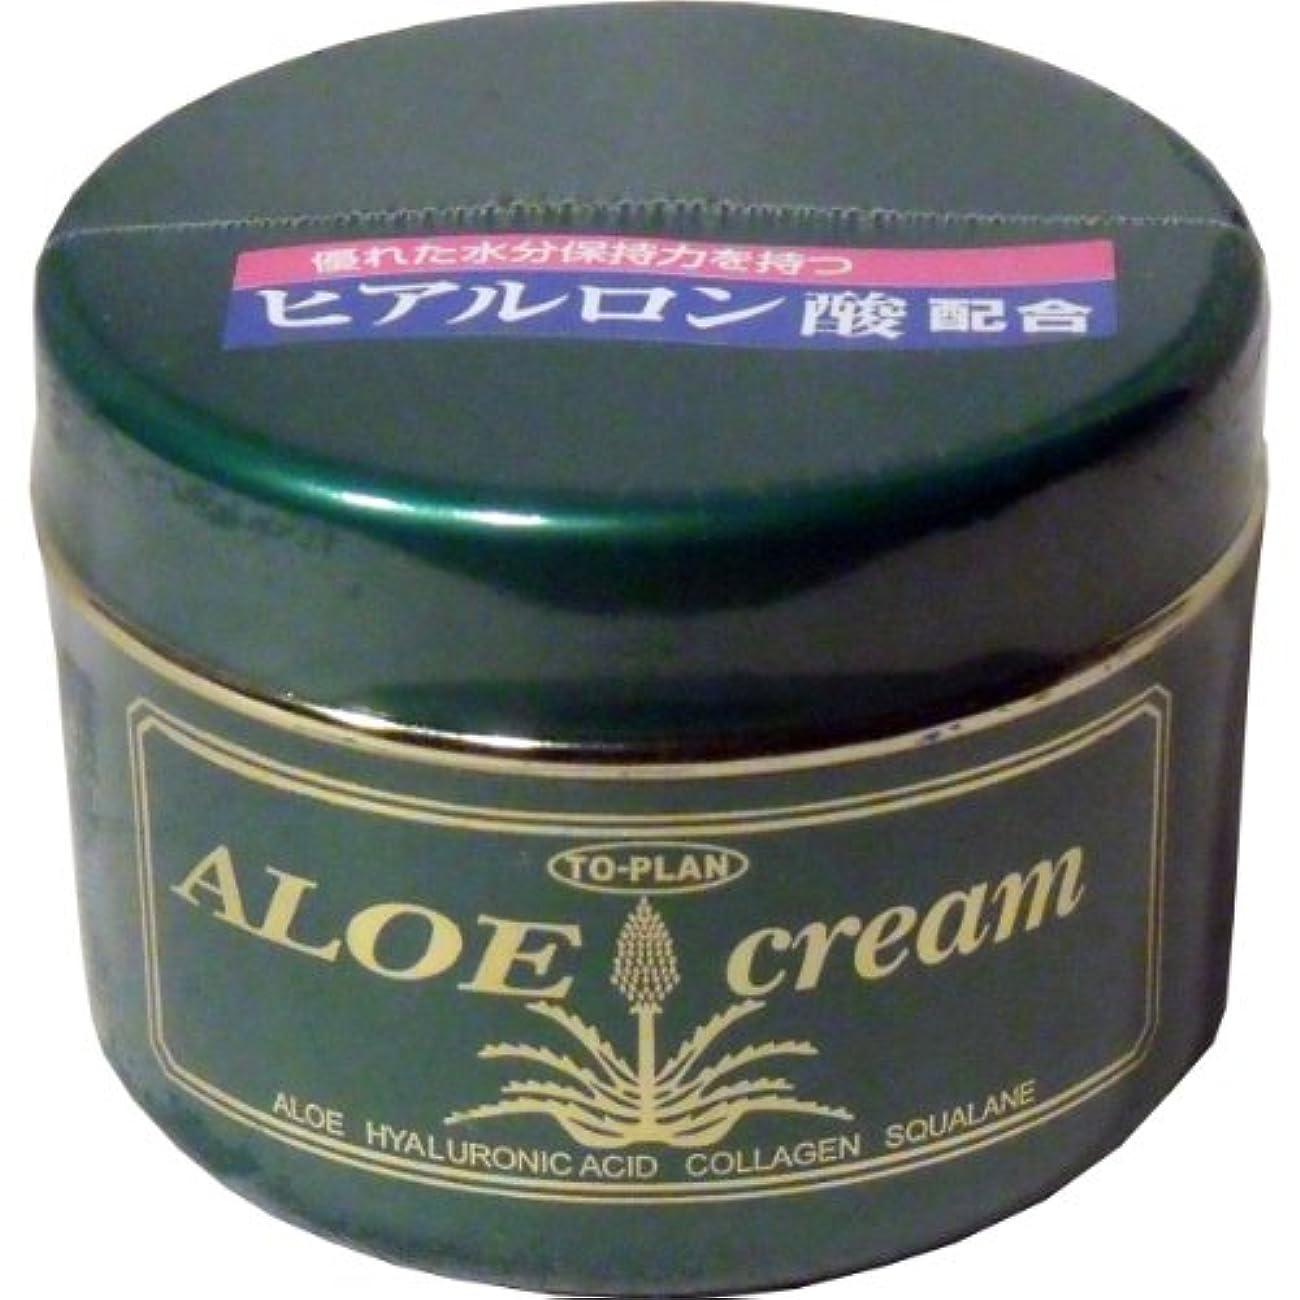 調査セラー元気なトプラン ハーブフレッシュクリーム(アロエクリーム) ヒアルロン酸 170g ×5個セット